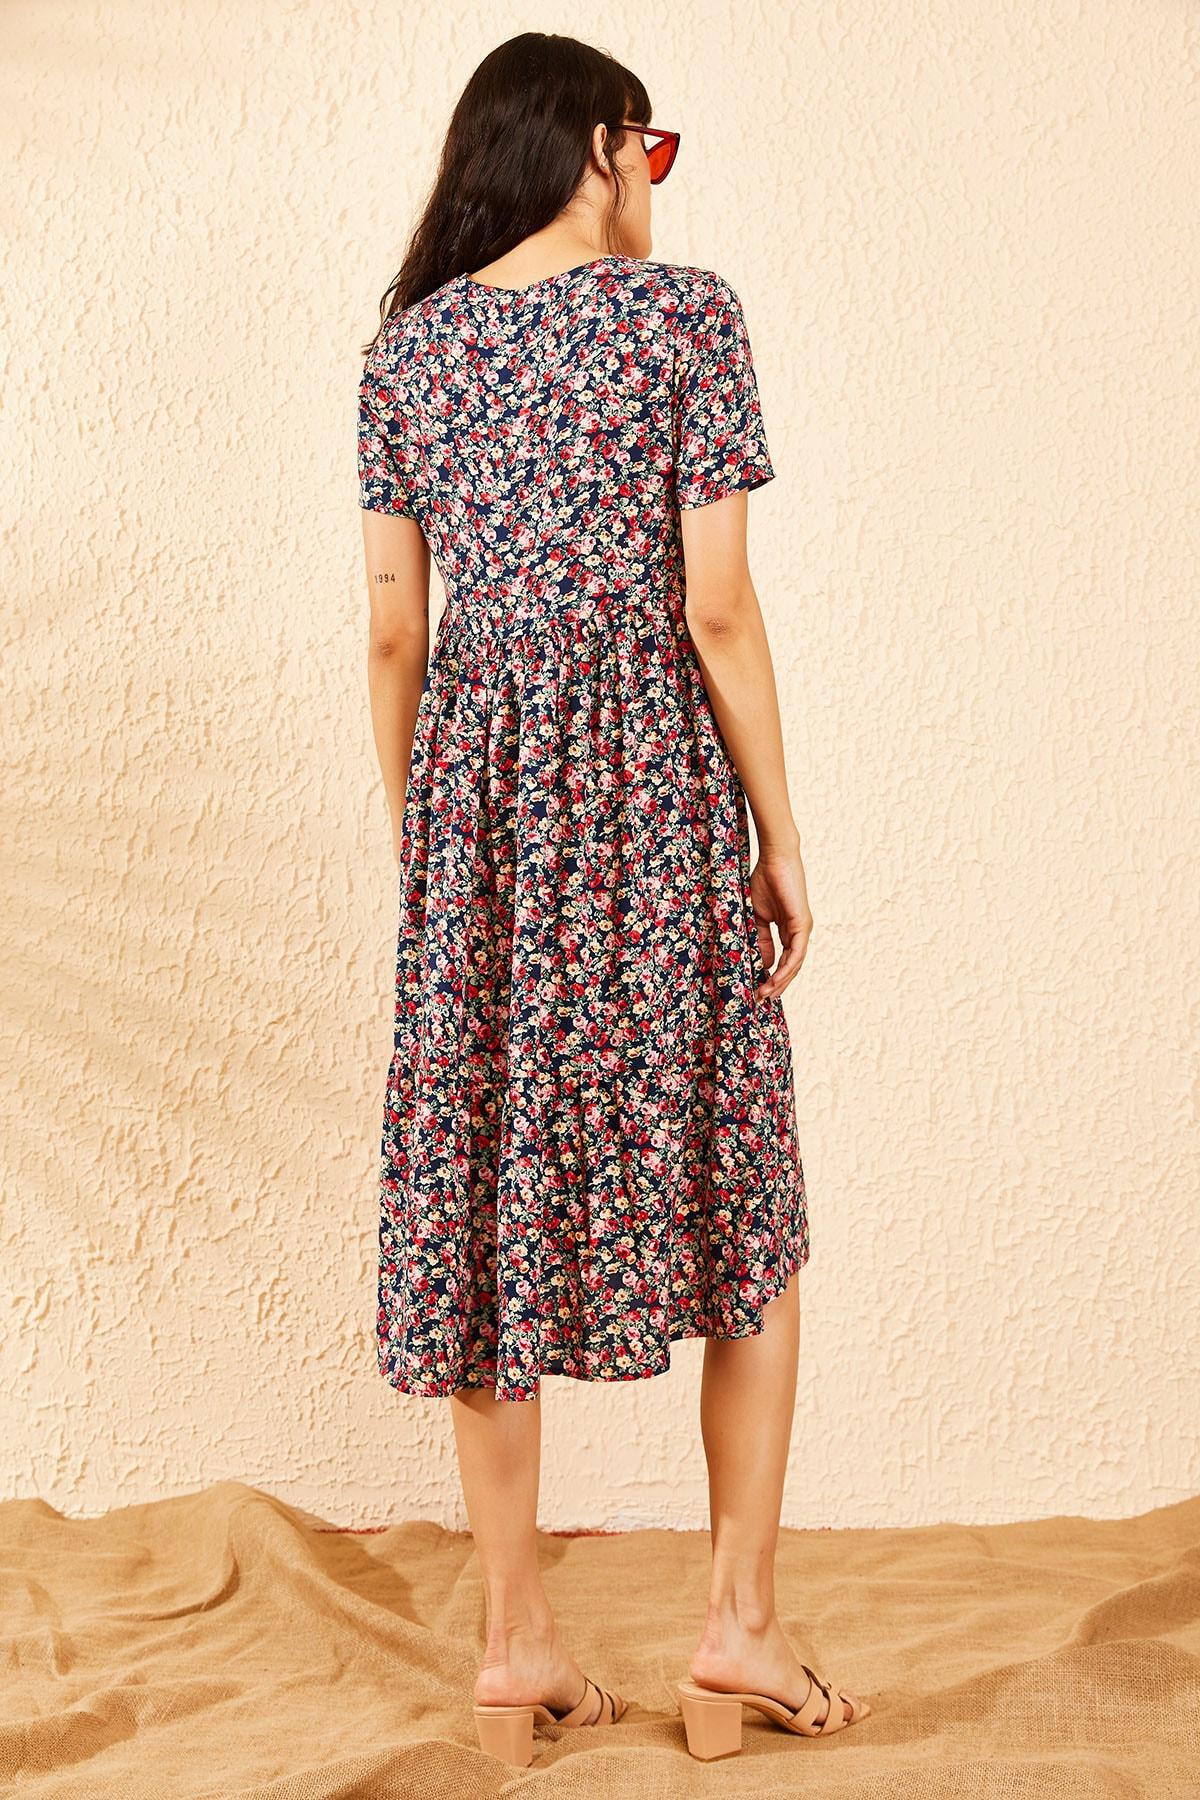 Bianco Lucci Kadın Lacivert Beli Lastikli V Yaka Eteği Fırfırlı Kloş Elbise 10091007 3